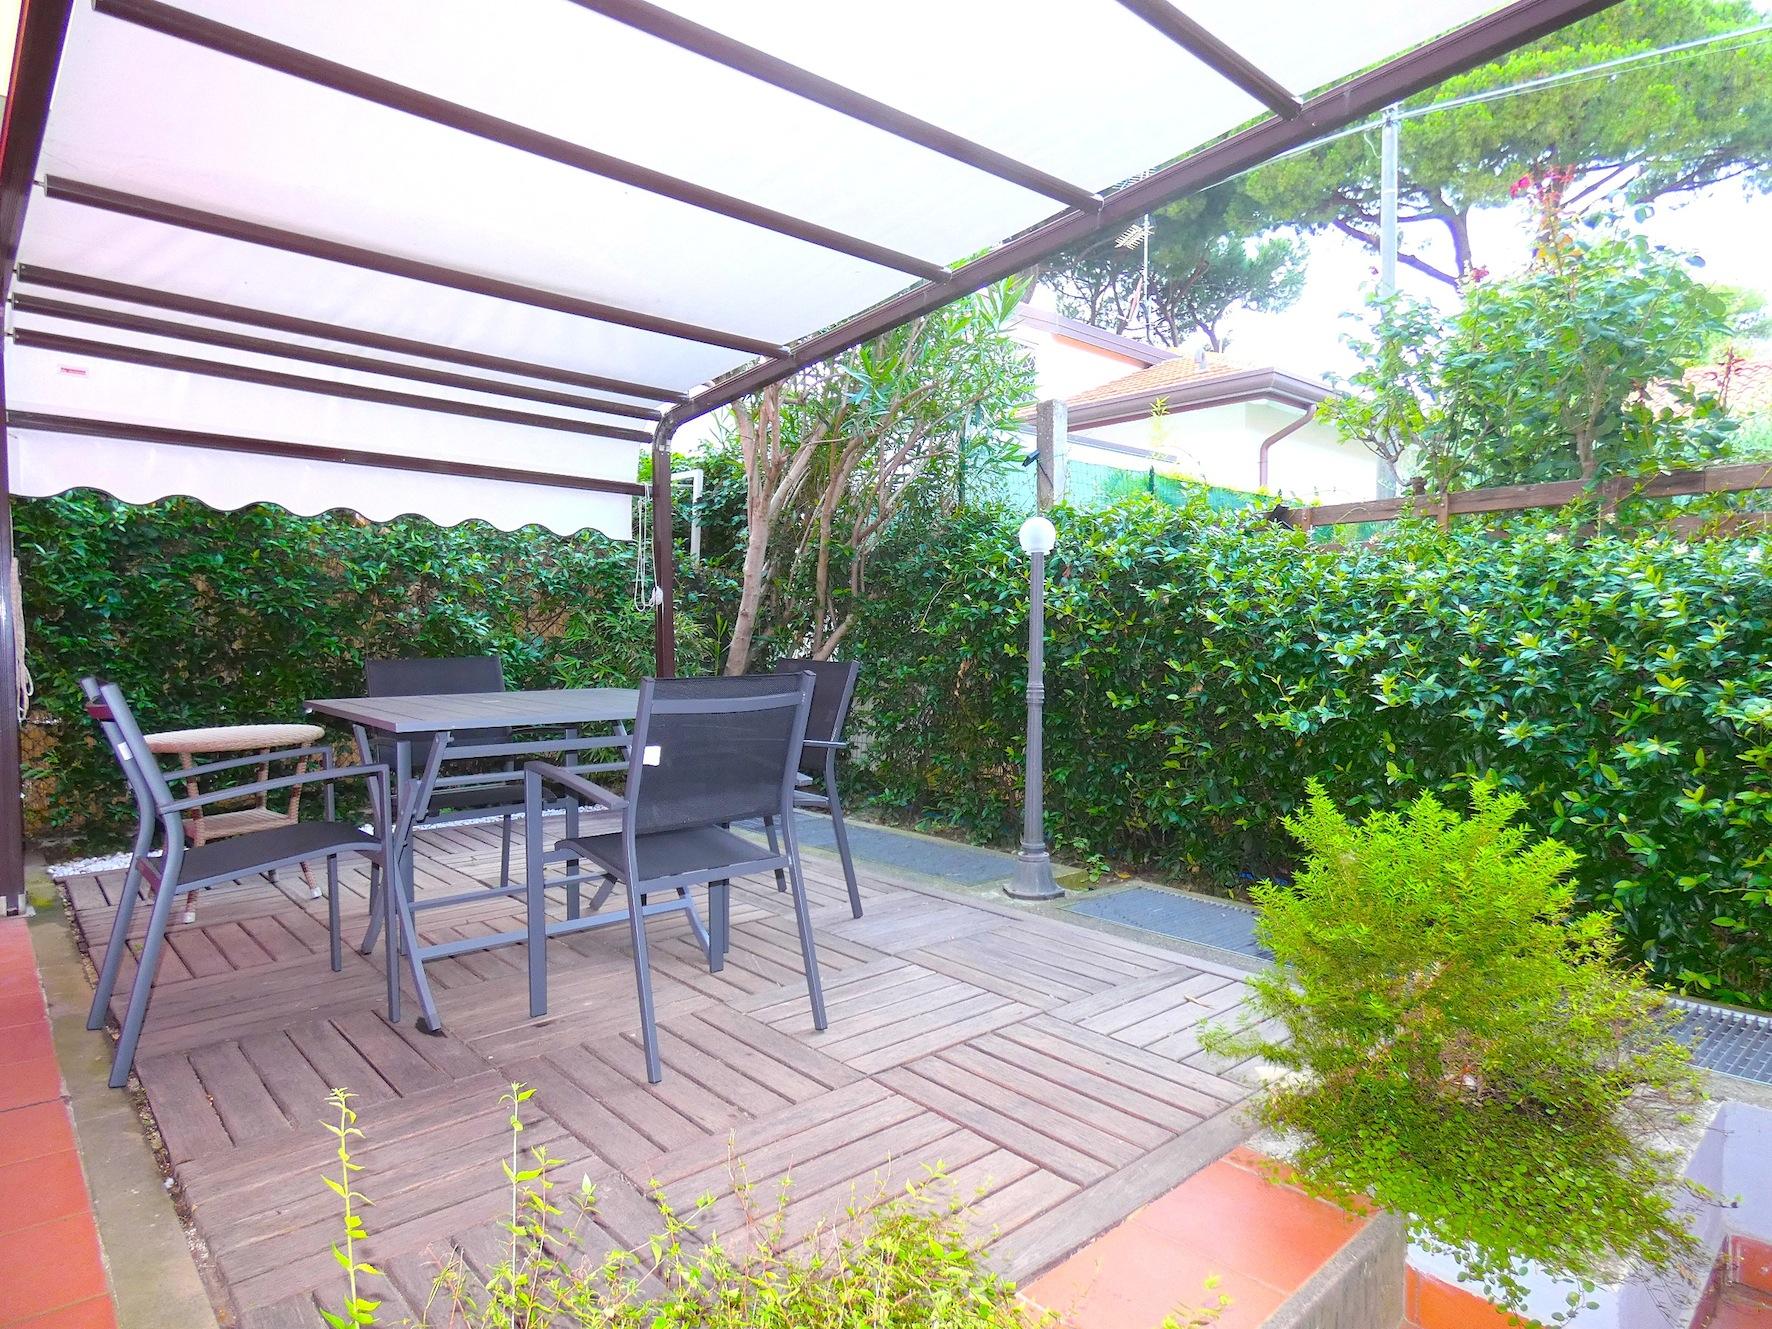 Riccione Abissinia Bilocale In Affitto Agosto Con Giardino Privato